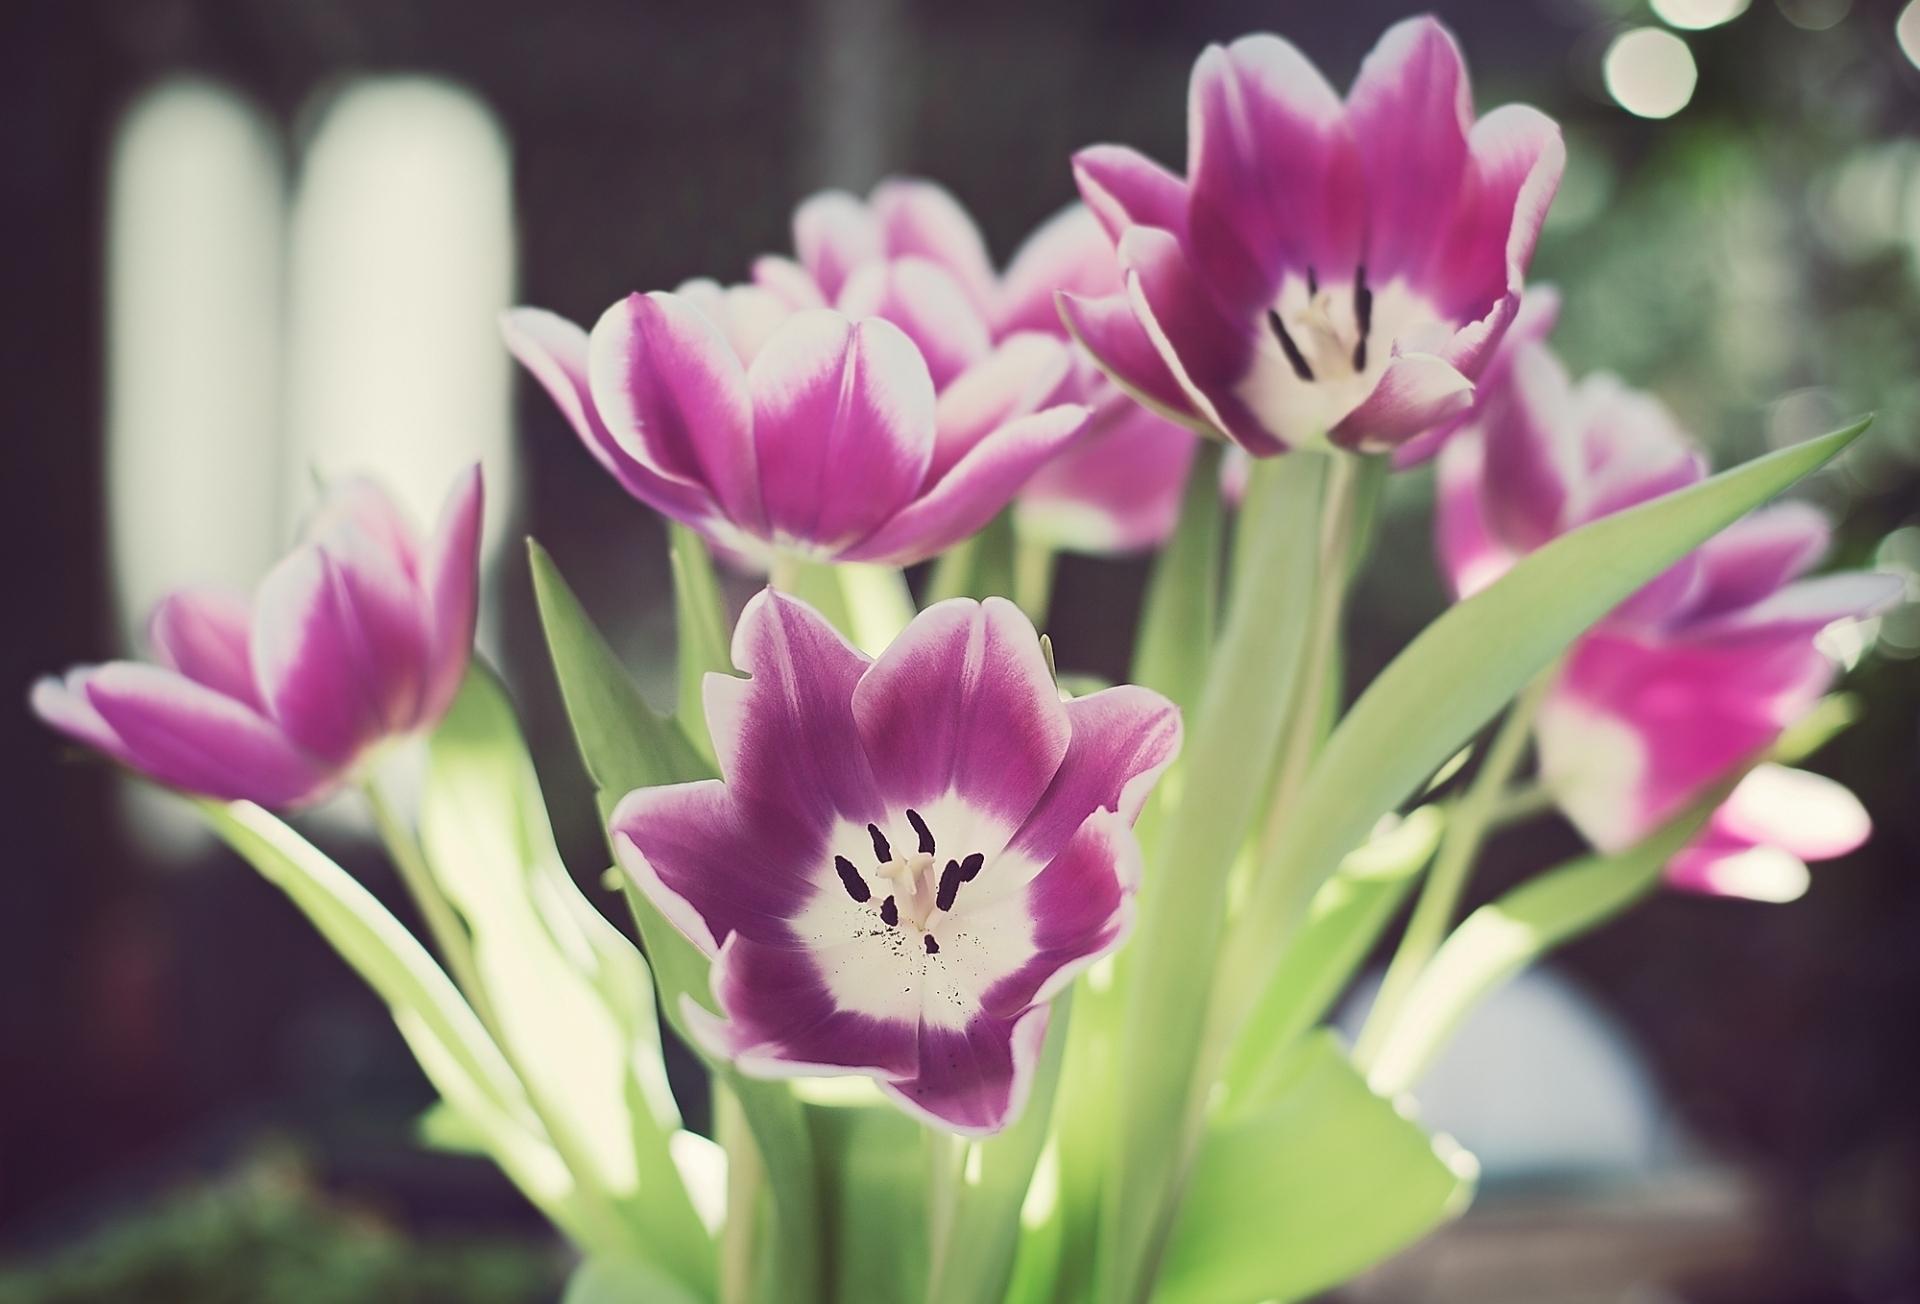 137603 скачать обои Цветы, Тычинки, Распущенные, Зелень, Тюльпаны - заставки и картинки бесплатно